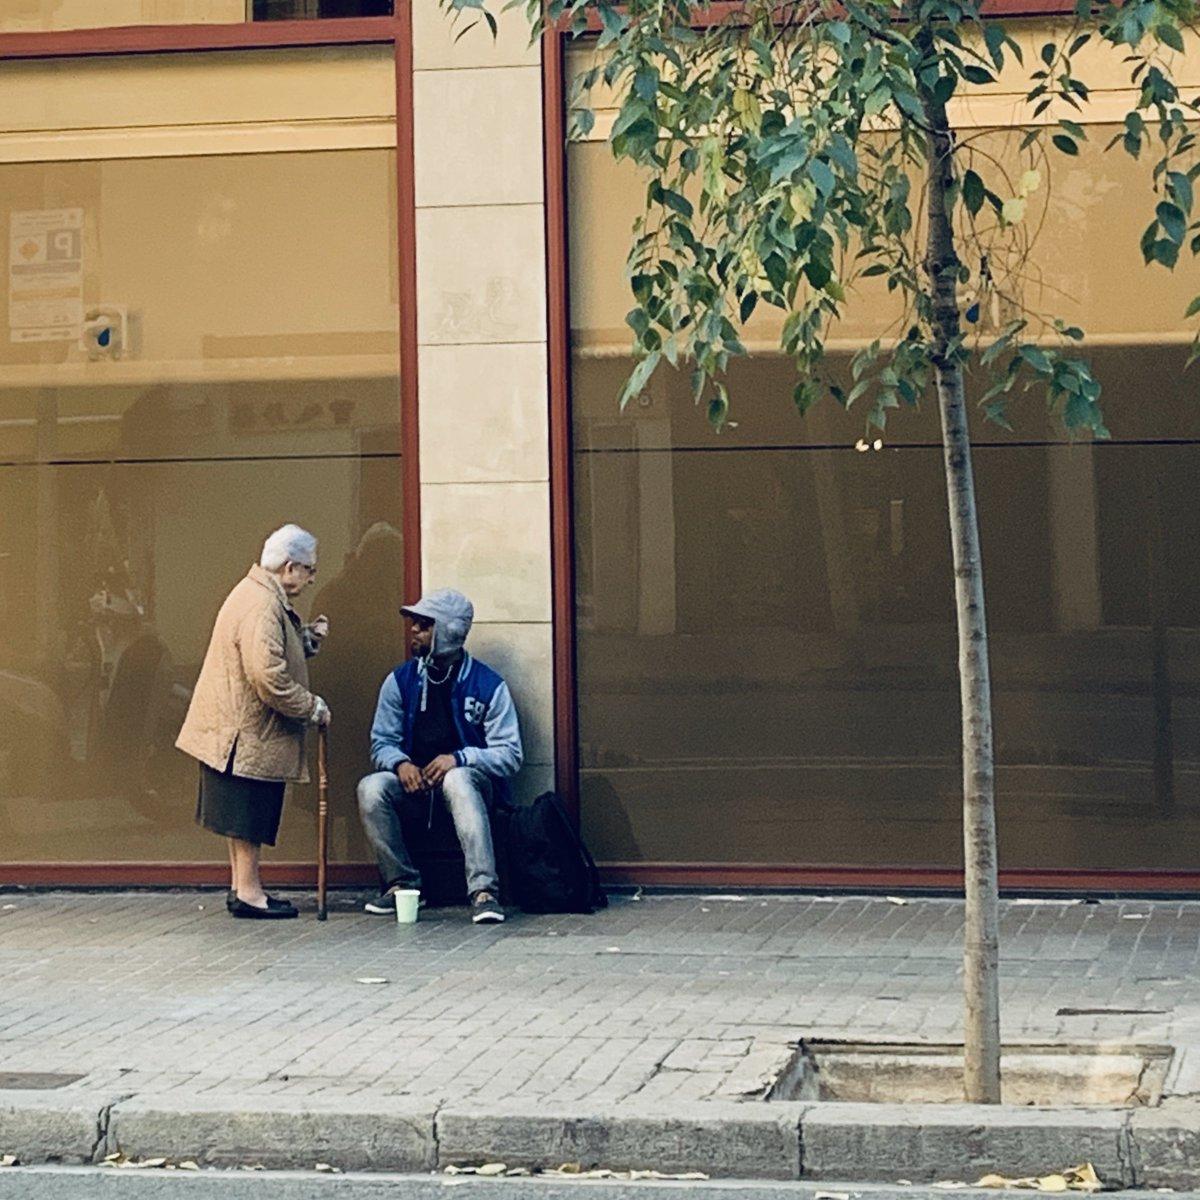 Nochebuena en Barcelona, hace unas horas. Un hombre pide en la calle. Una mujer mayor se le acerca con un bocadillo. Charlan y ríen durante un buen rato. Les observo desde una cafetería. ¿De qué hablarán? He tenido que preguntar. Y he encontrado dos personas con un mismo sueño.⬇️